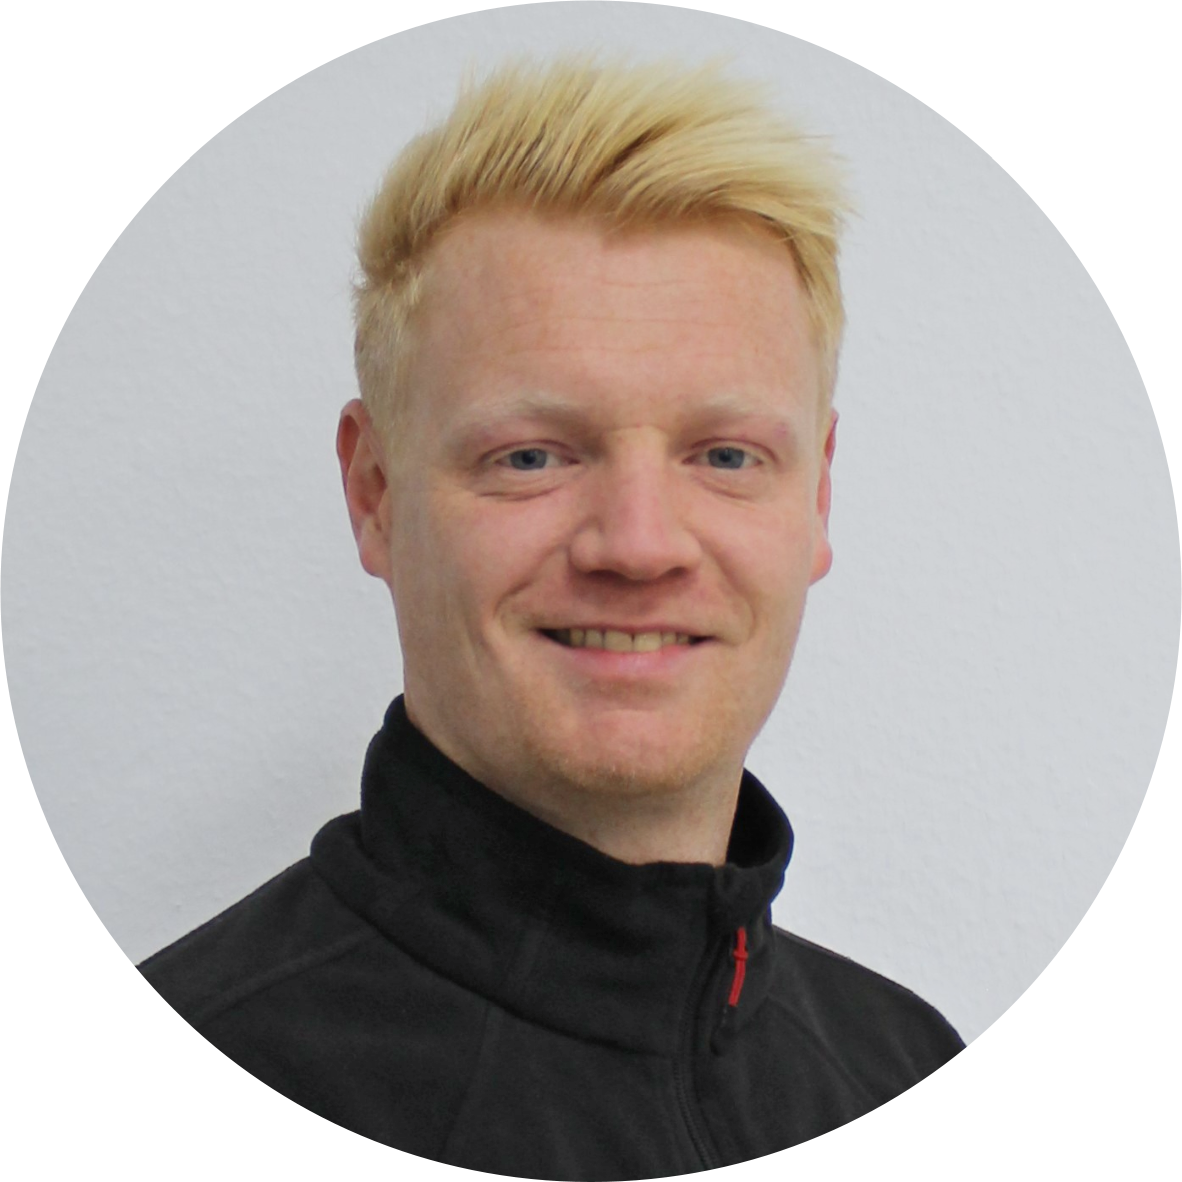 Tim Perduns unser Kundendienstleiter und Disponent für die Service-Techniker